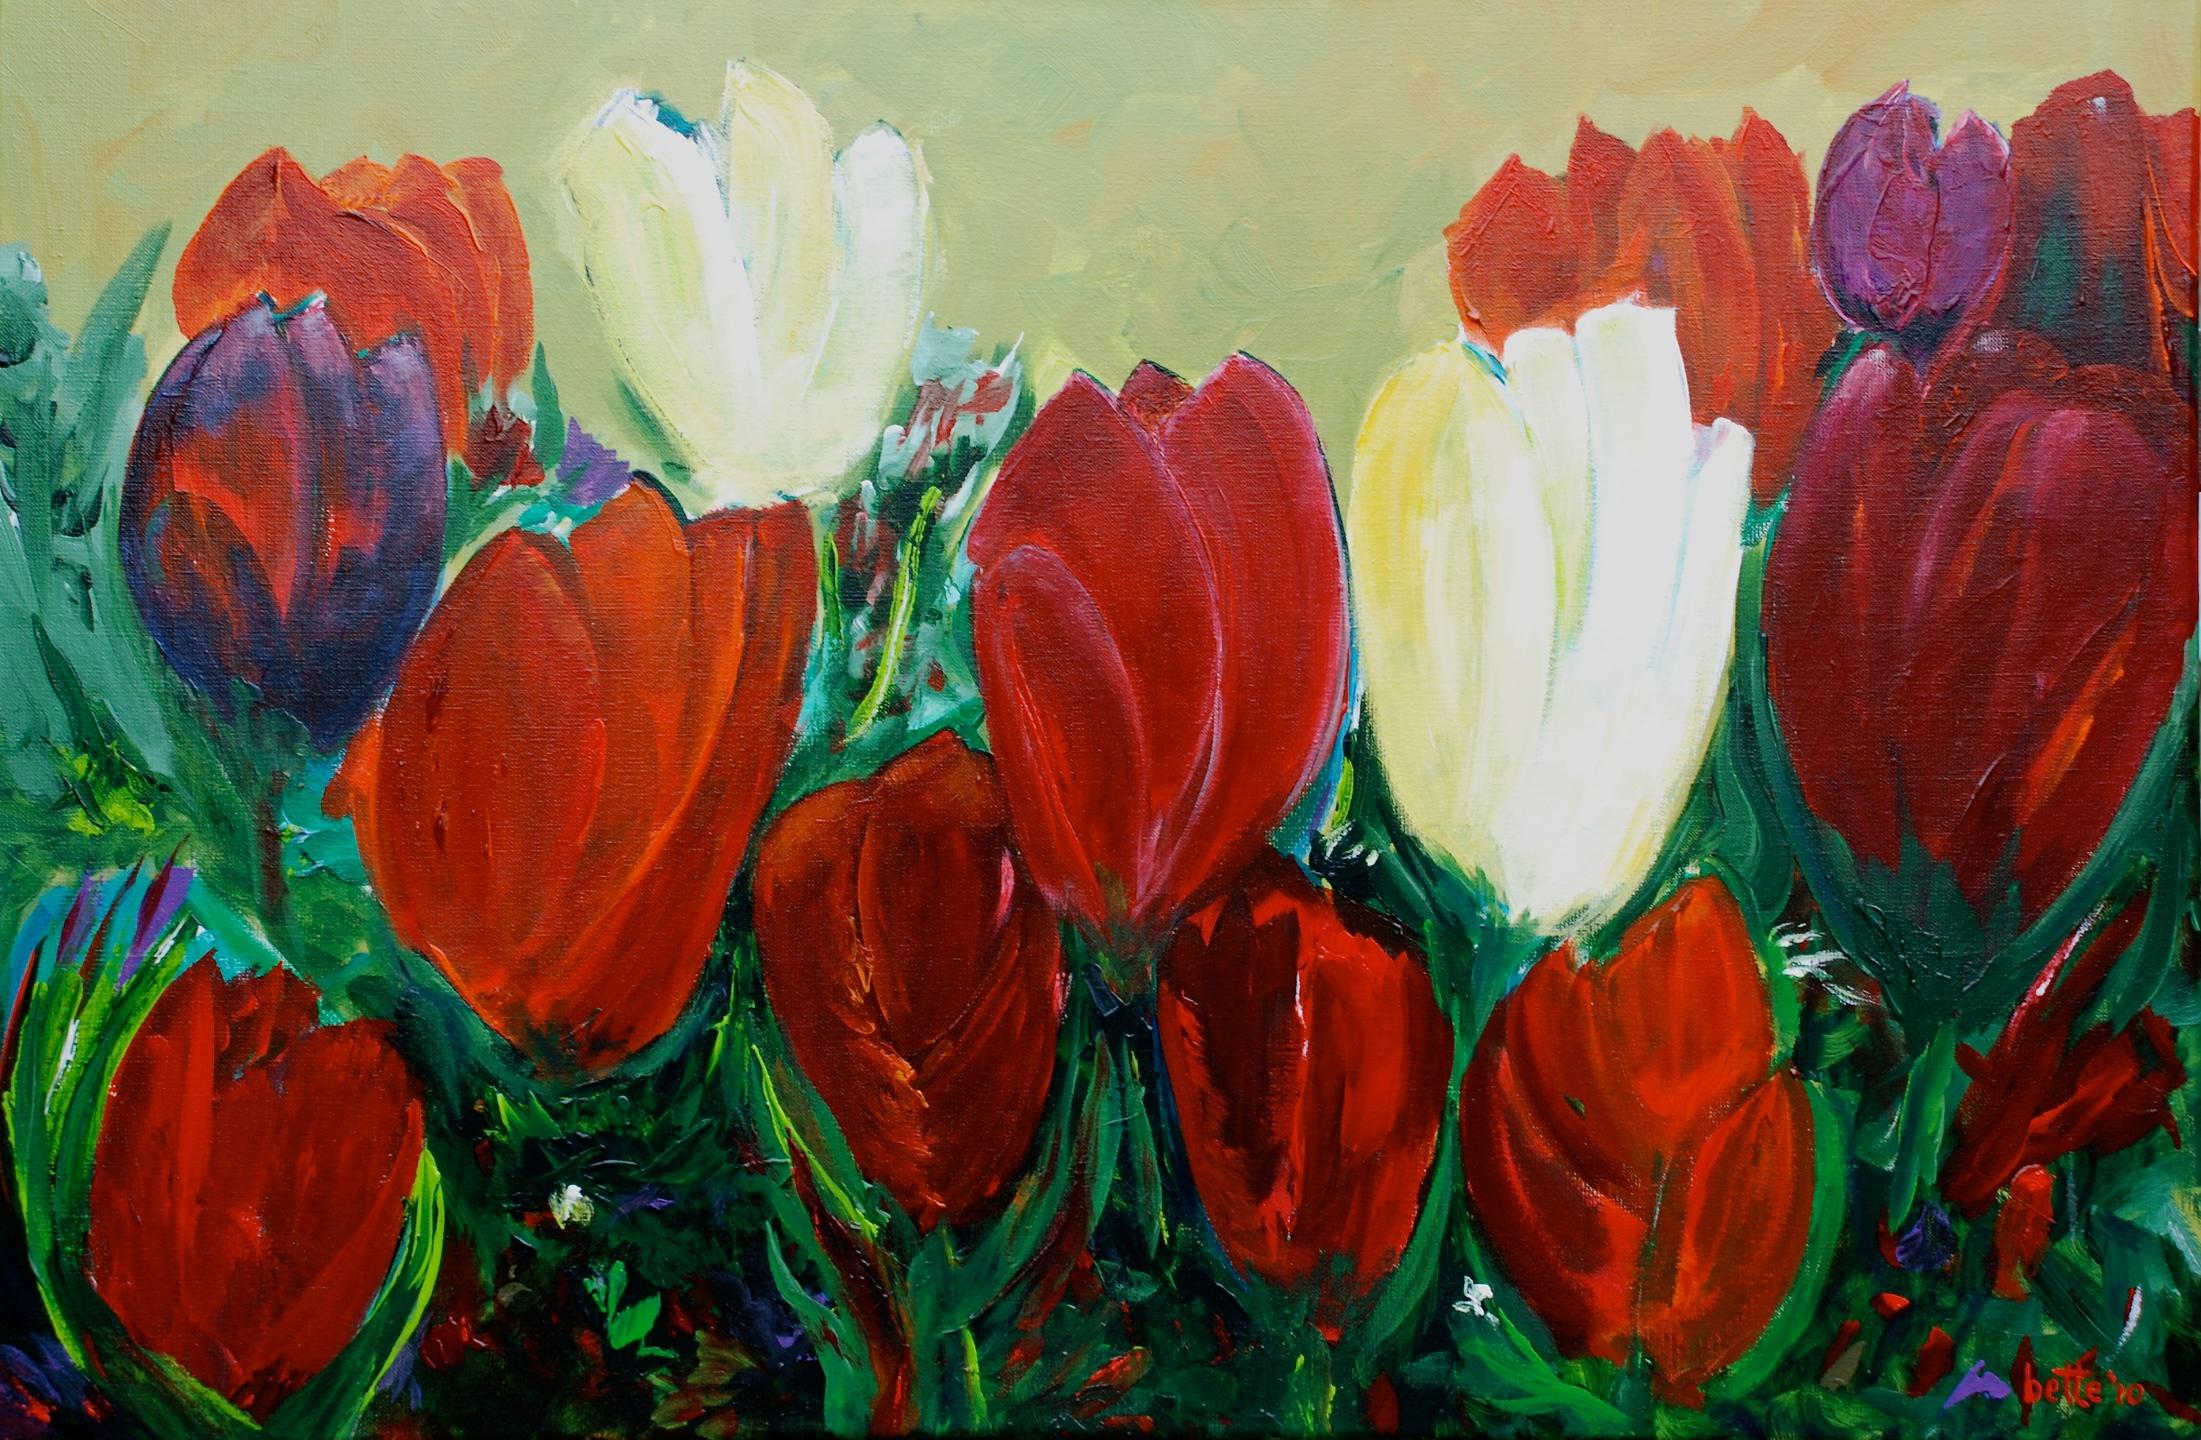 101 - Tulpencompositie